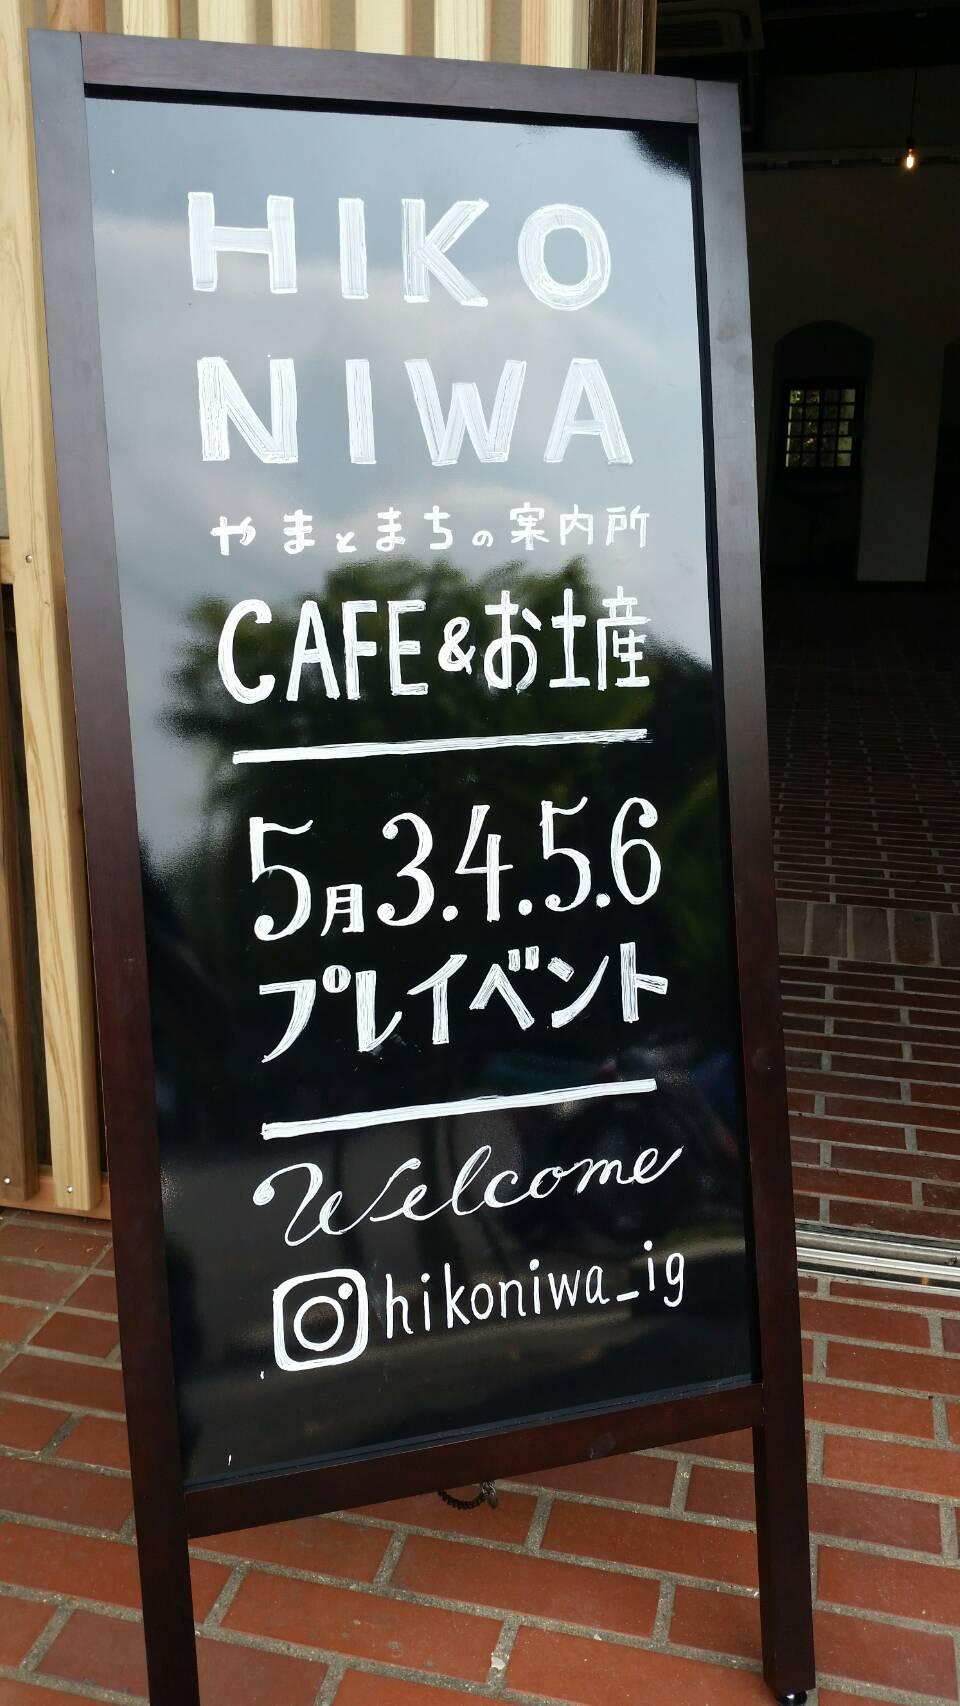 やまとまちの案内所「HIKONIWA」OPEN.jpg